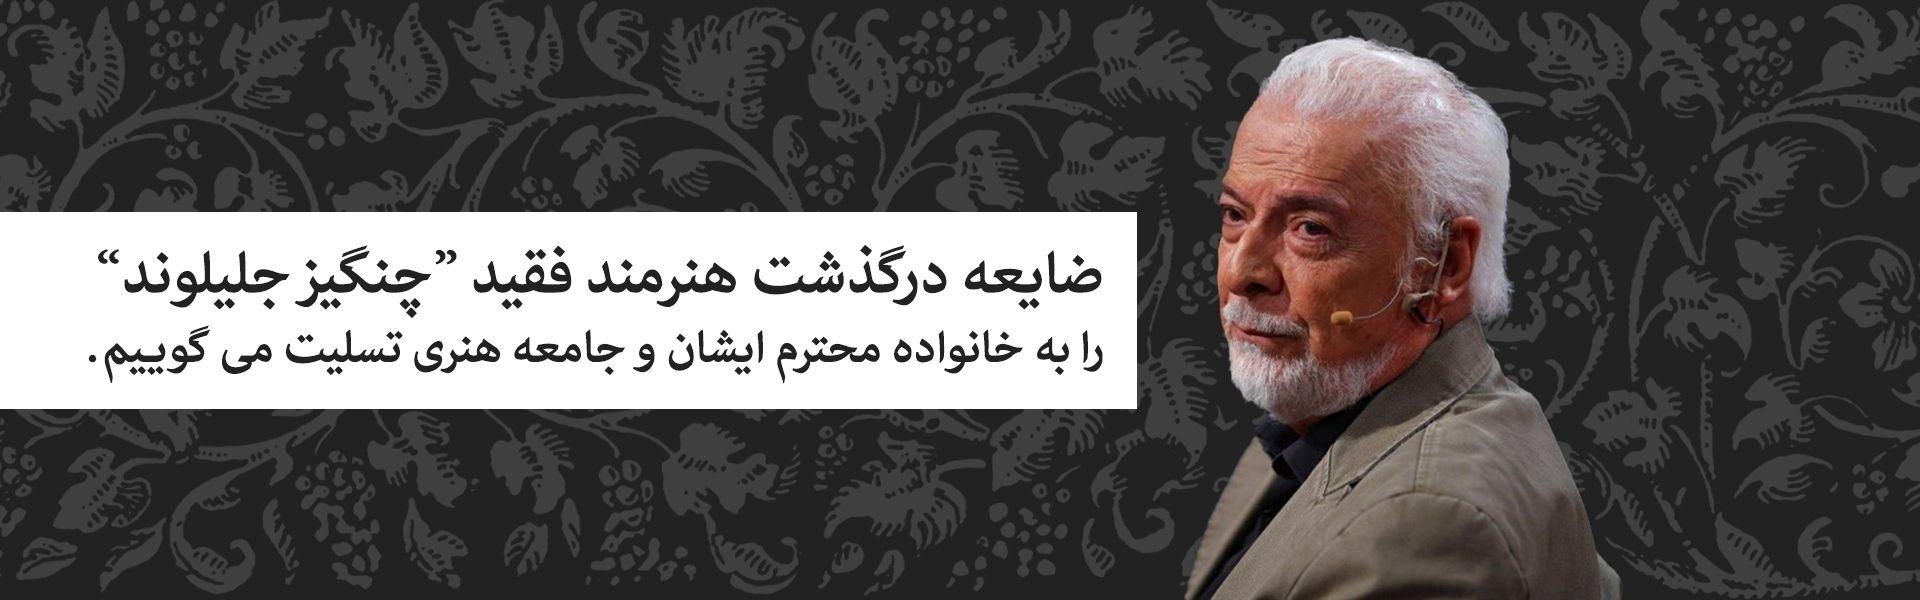 درگذشت هنرمند فقید چنگیز جلیلوند را تسلیت می گوییم